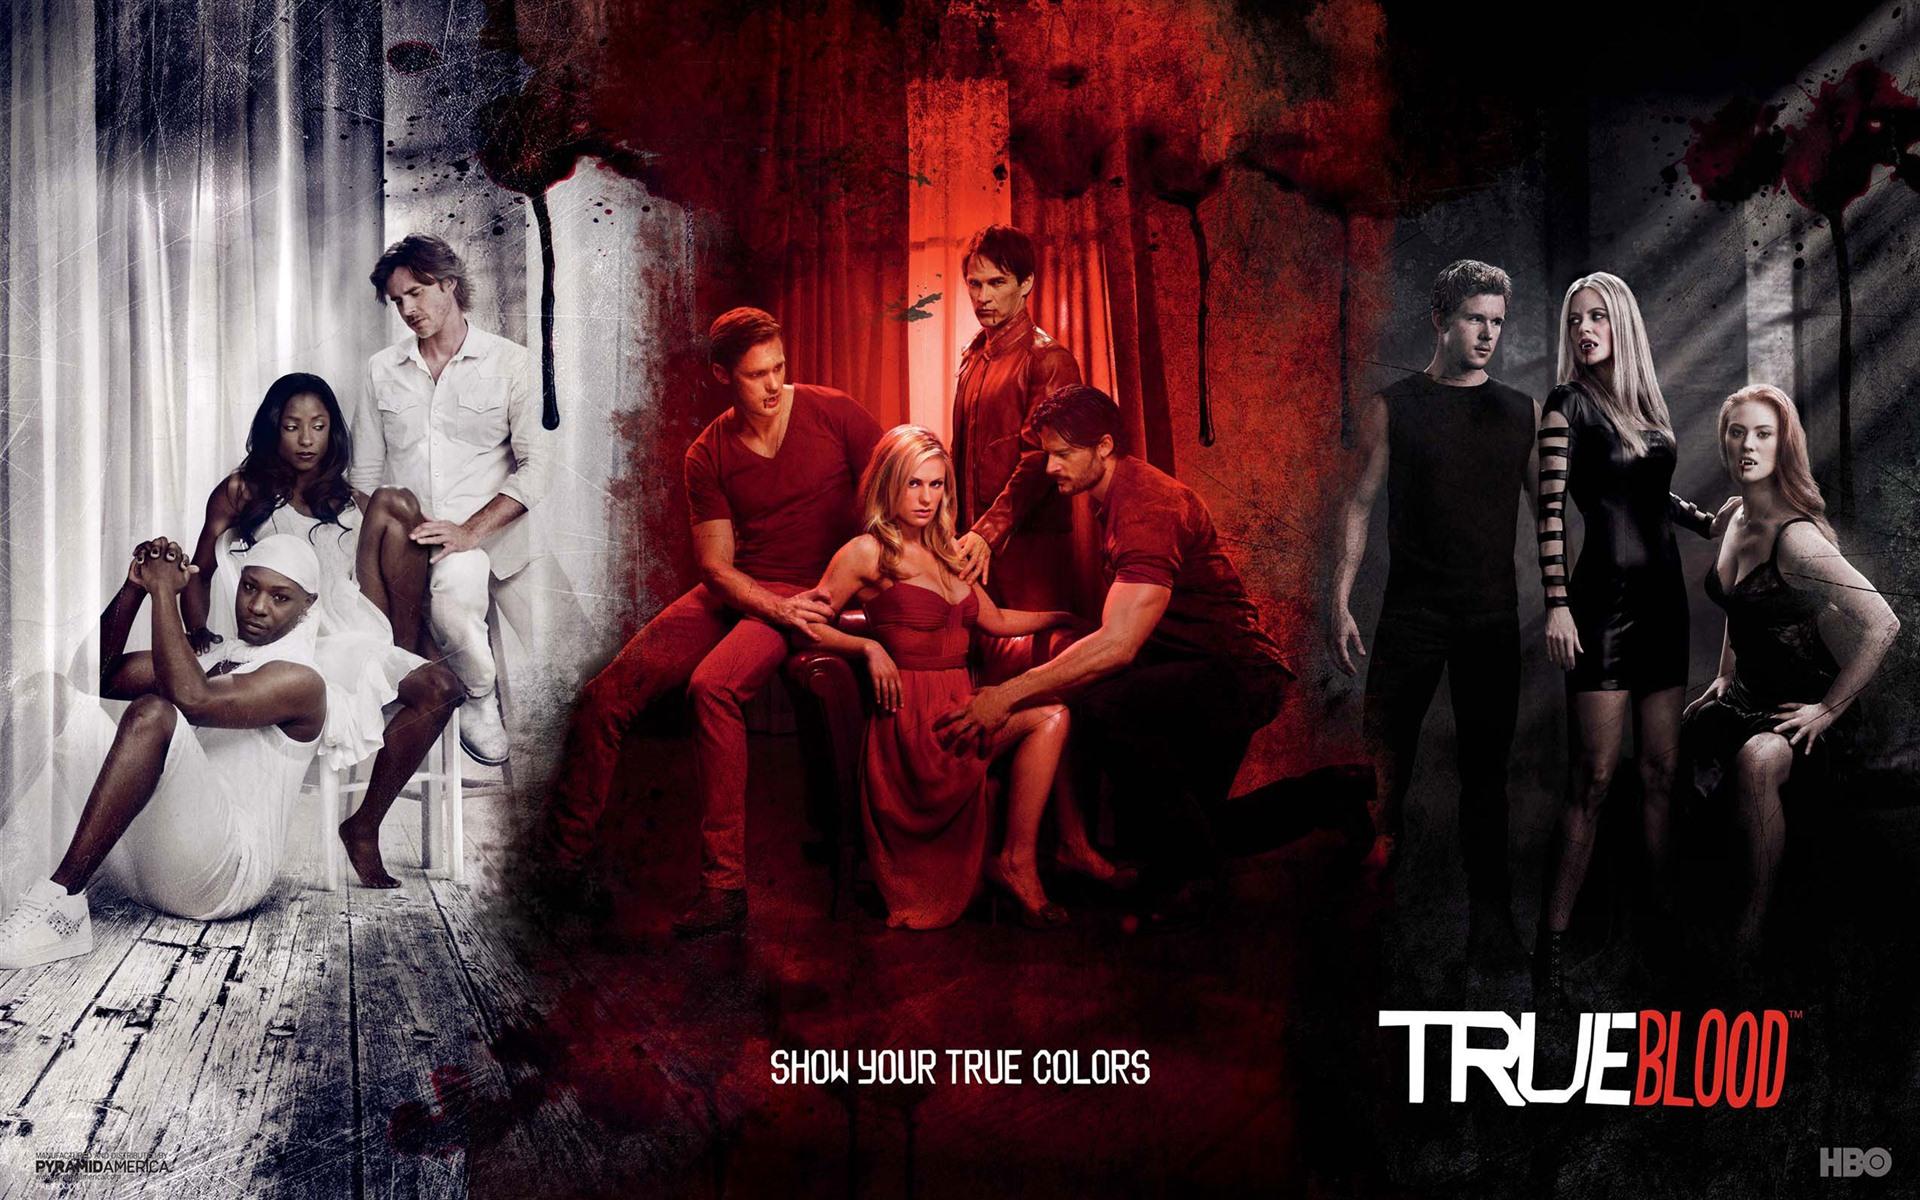 True Blood Wallpaper Hd: True Blood TV-Serie HD Wallpaper #2